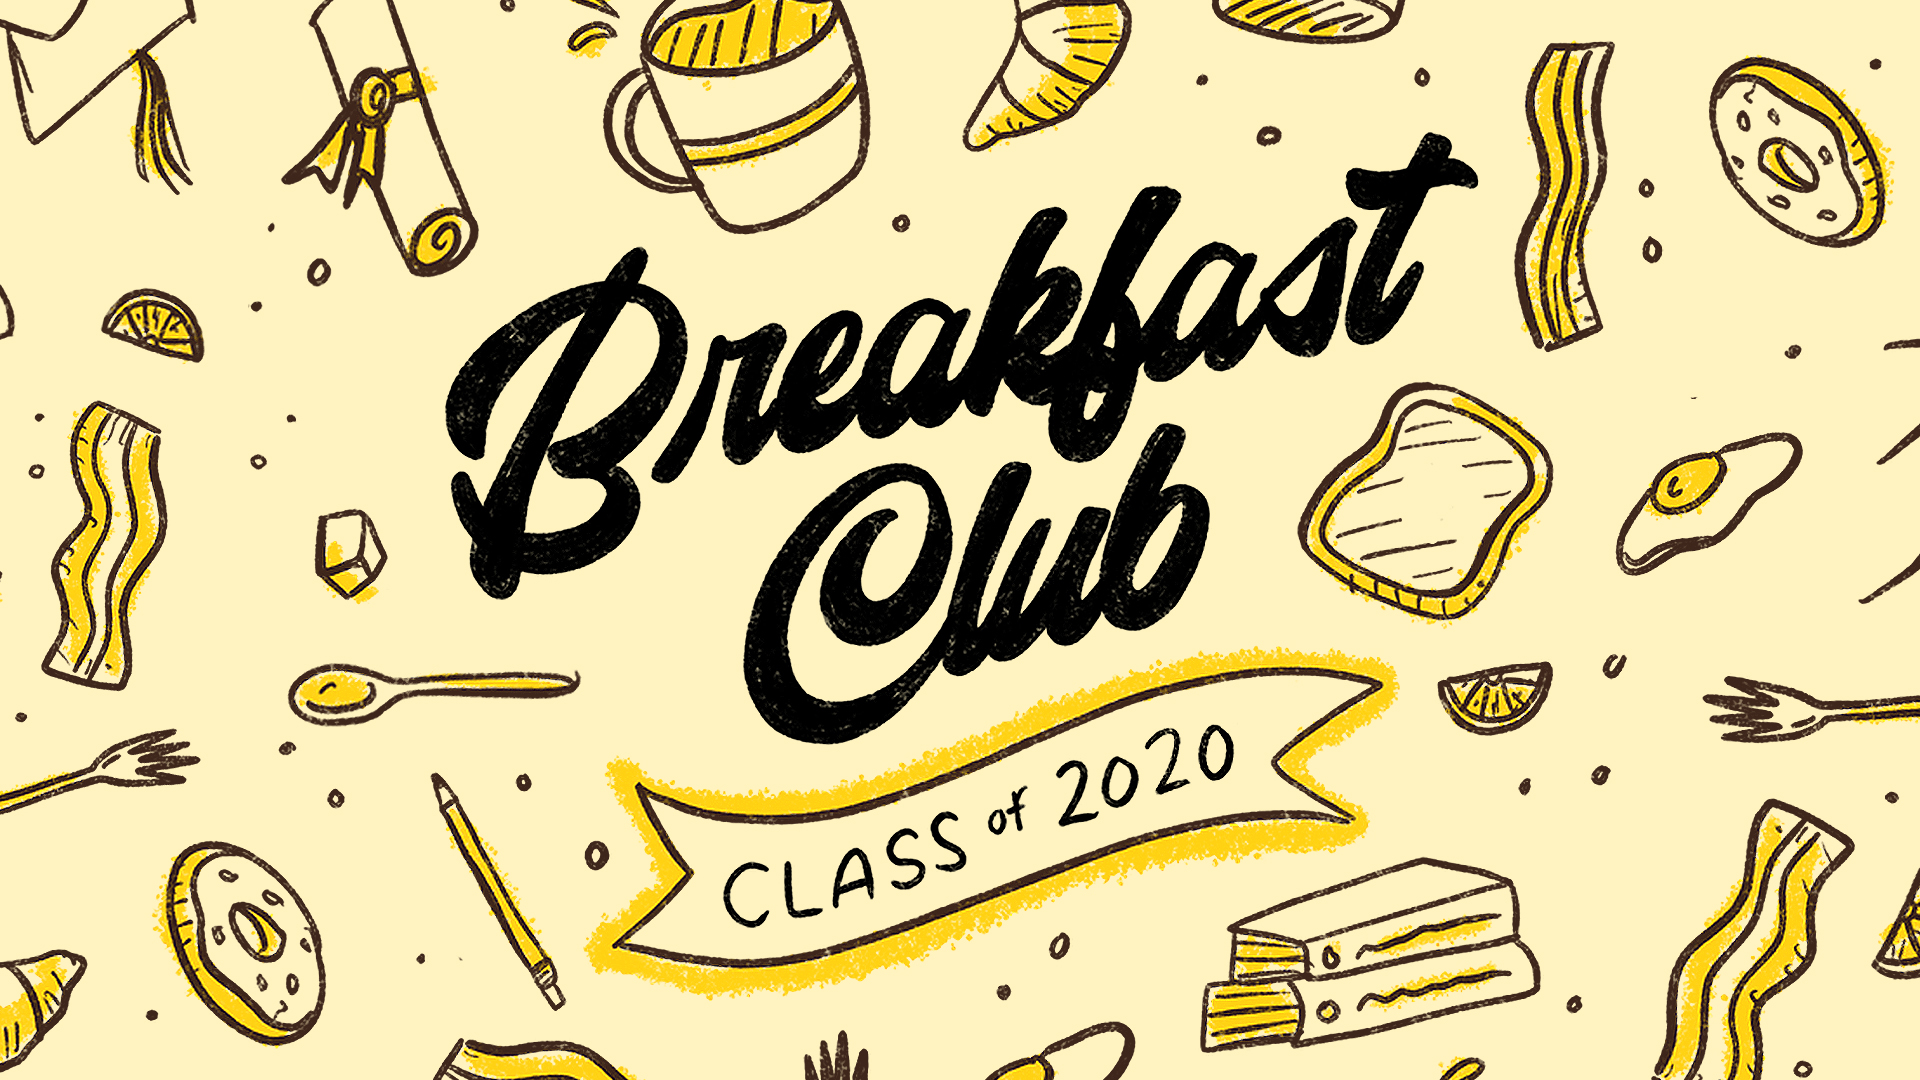 BreakfastClub_Classof2020_web.jpg